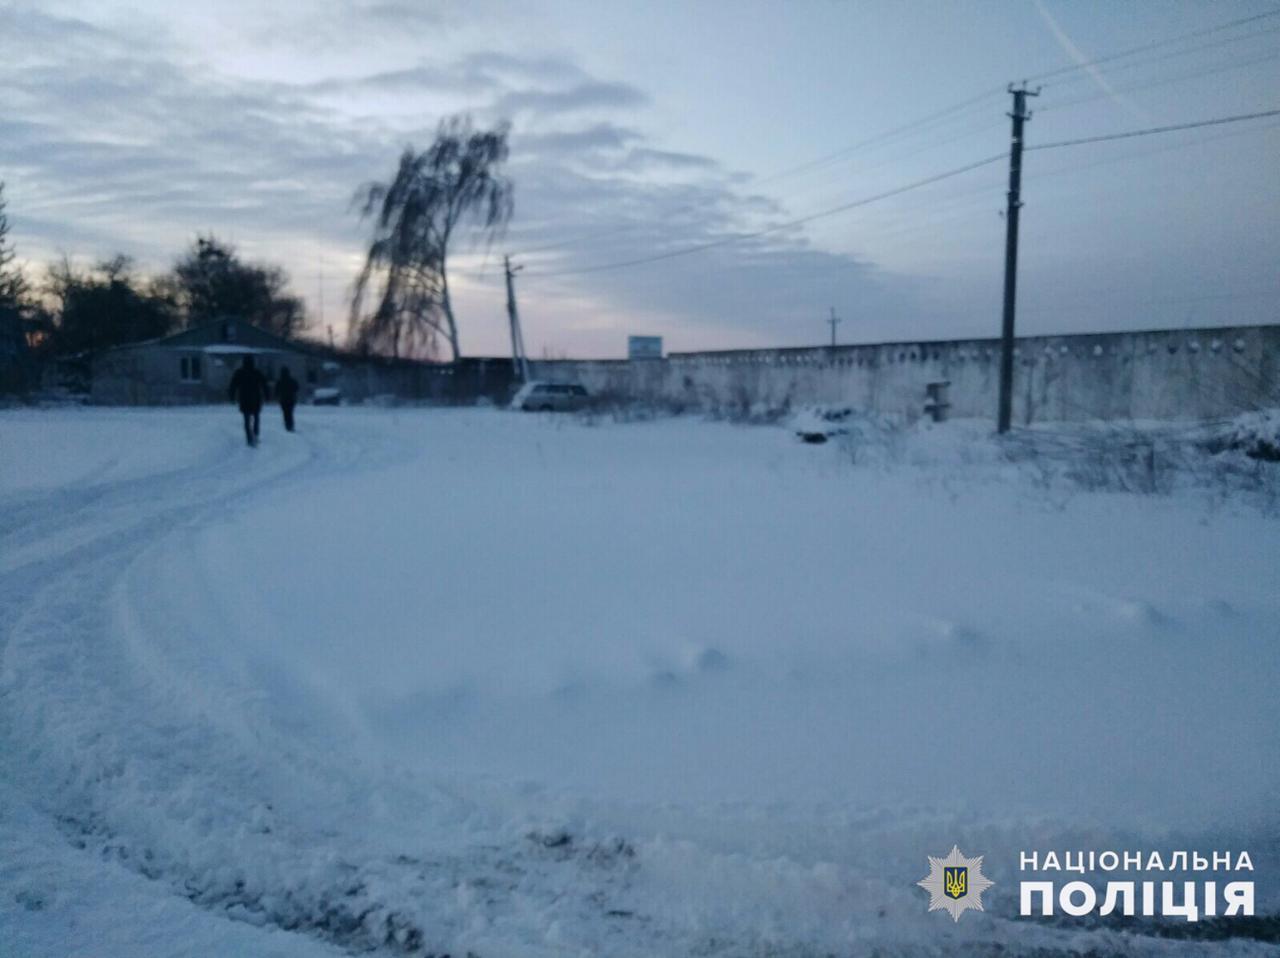 На Обухівщині водій відбуксирував автівку, що заважала проїзду, й отримав підозру - Поліція, підозра, Обухівщина, викрадення авто - zavolo111